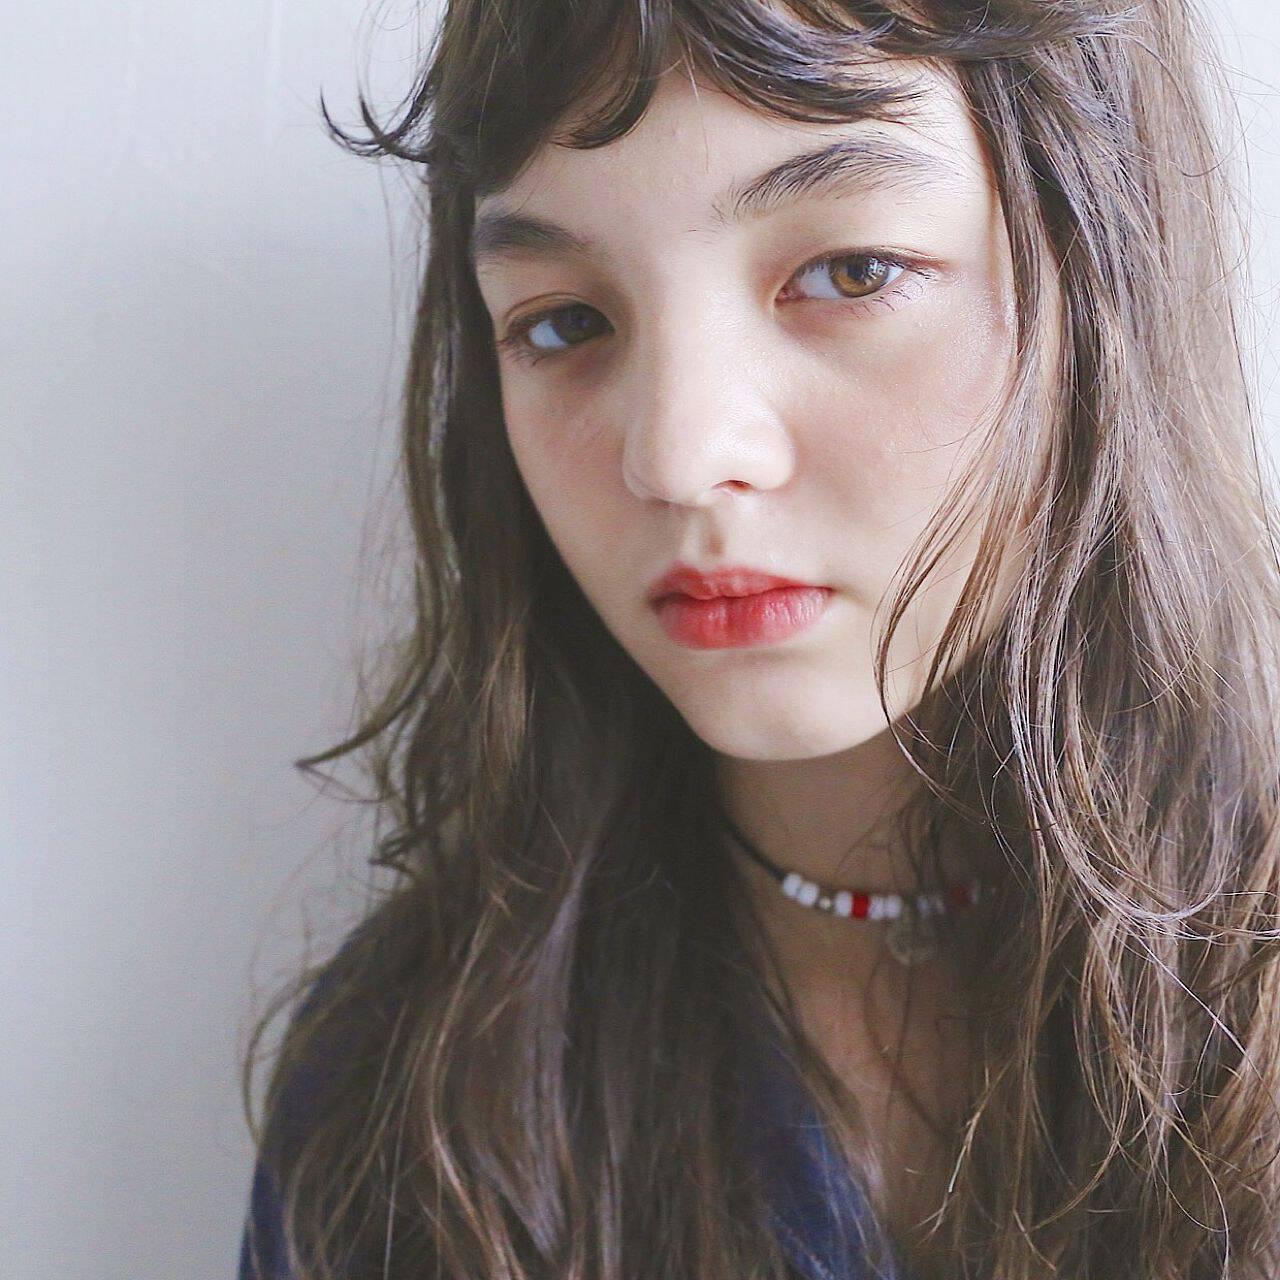 アッシュベージュ ナチュラル 抜け感 シースルーバングヘアスタイルや髪型の写真・画像